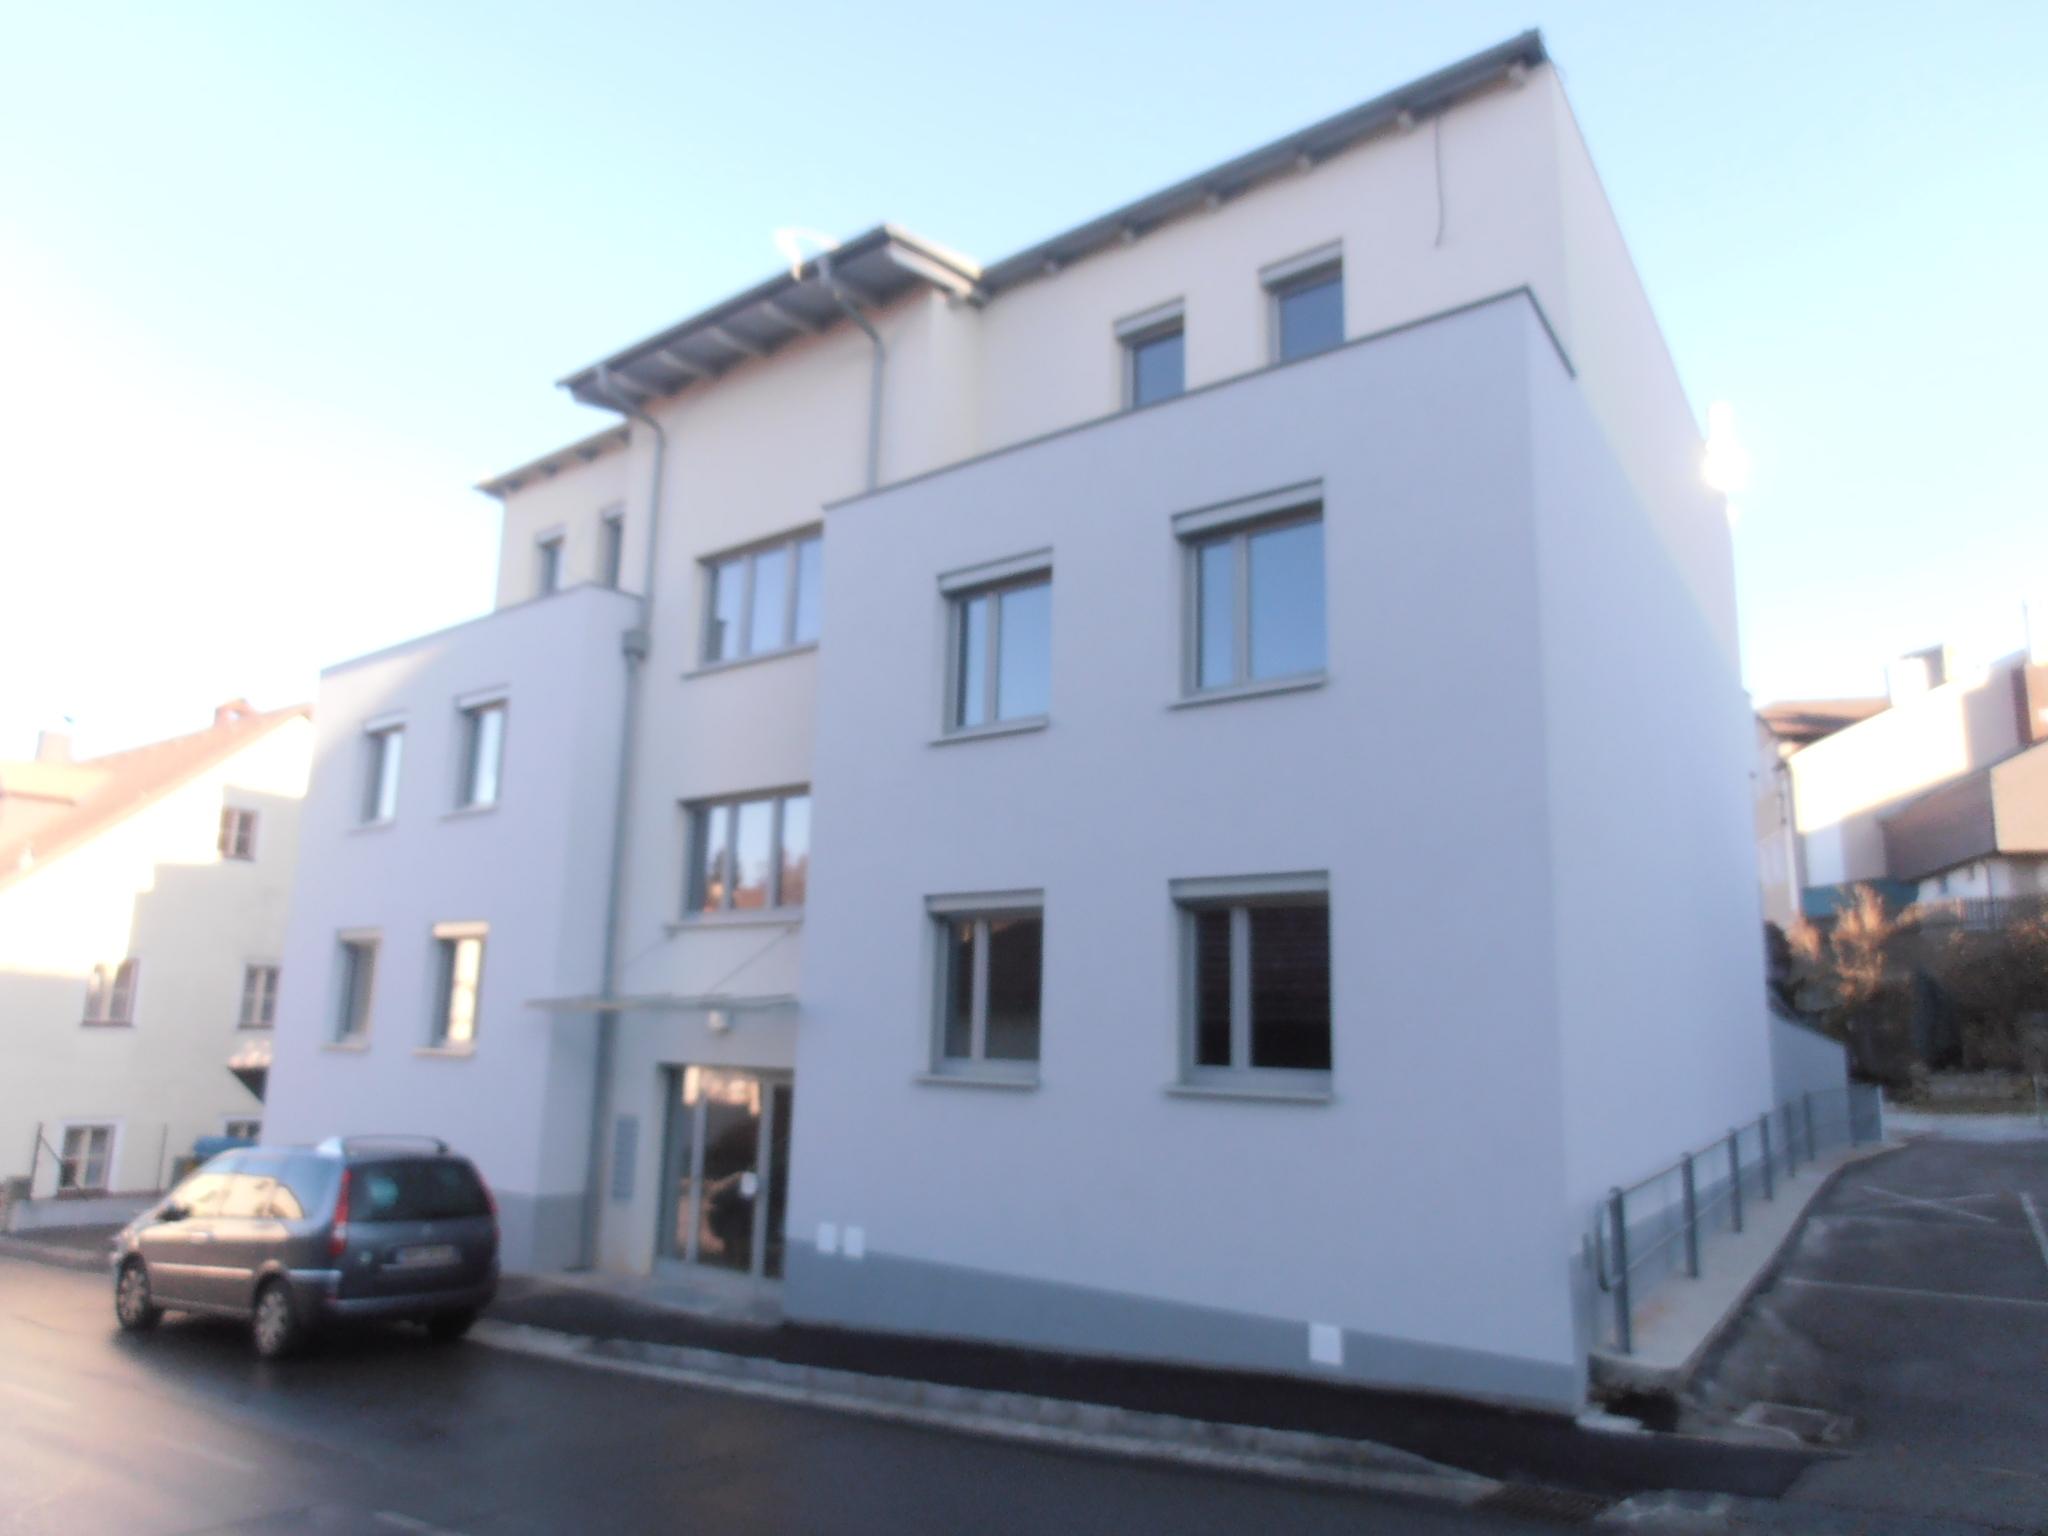 Immobilie von Kamptal in 3925 Arbesbach, Zwettl, Arbesbach II - Top 6 #9